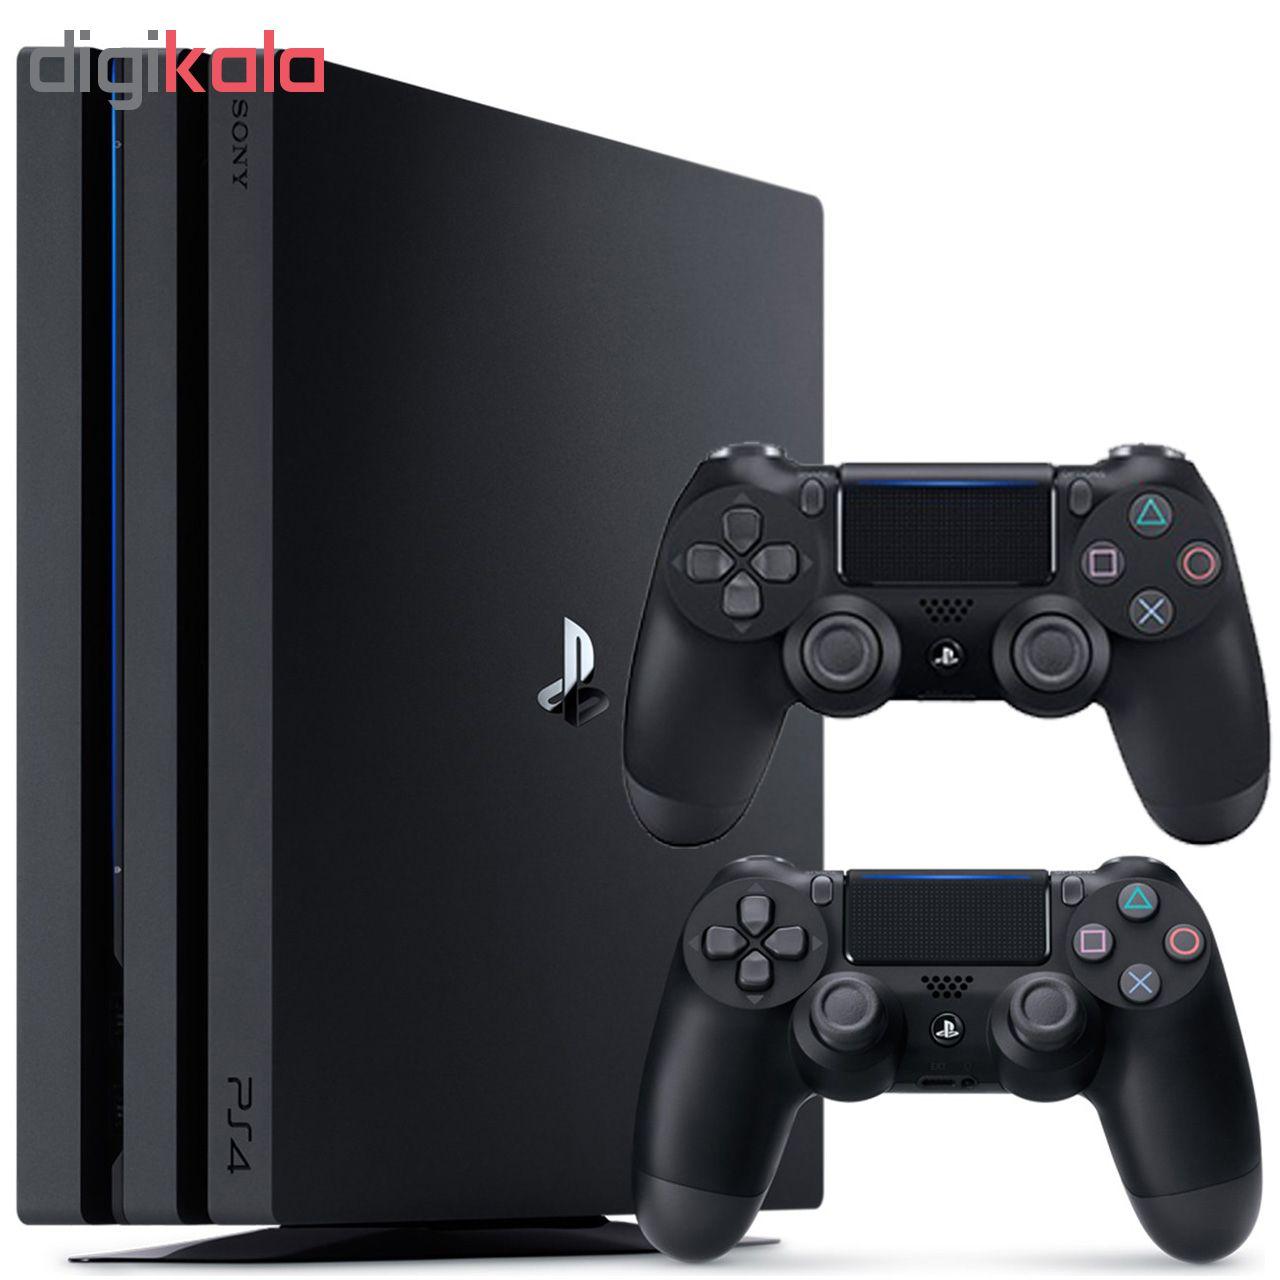 کنسول بازی سونی مدل Playstation 4 Pro ریجن 3 کد CUH-7218C ظرفیت 2 ترابایت